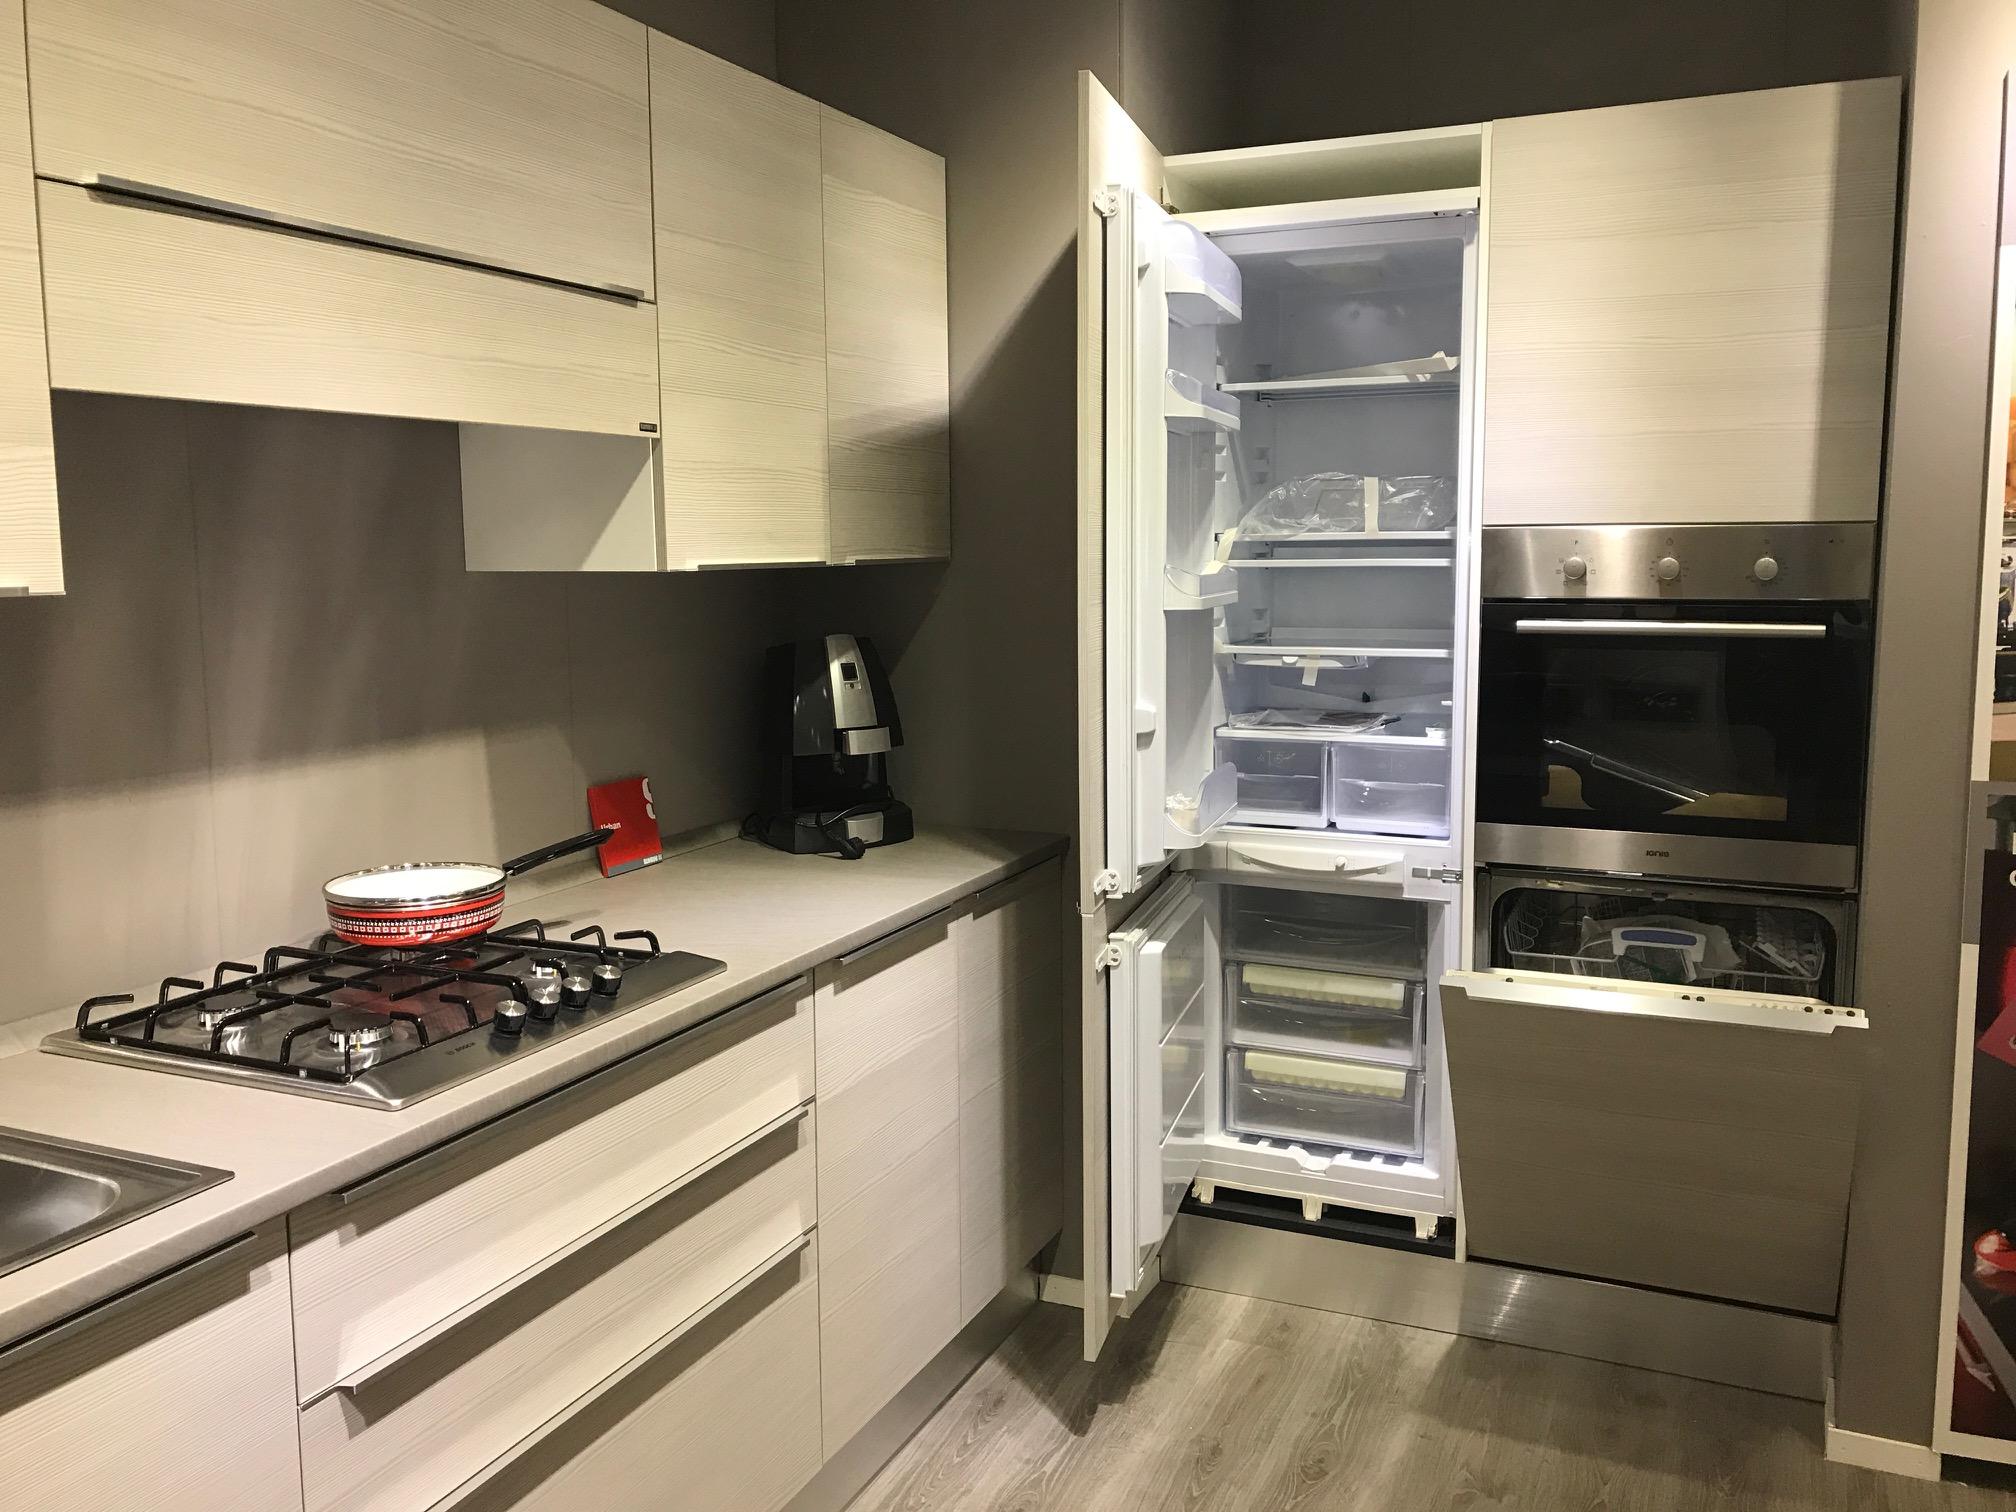 Offerta Cucina Scavolini Easy modello Urban - San Gaetano Arredamenti